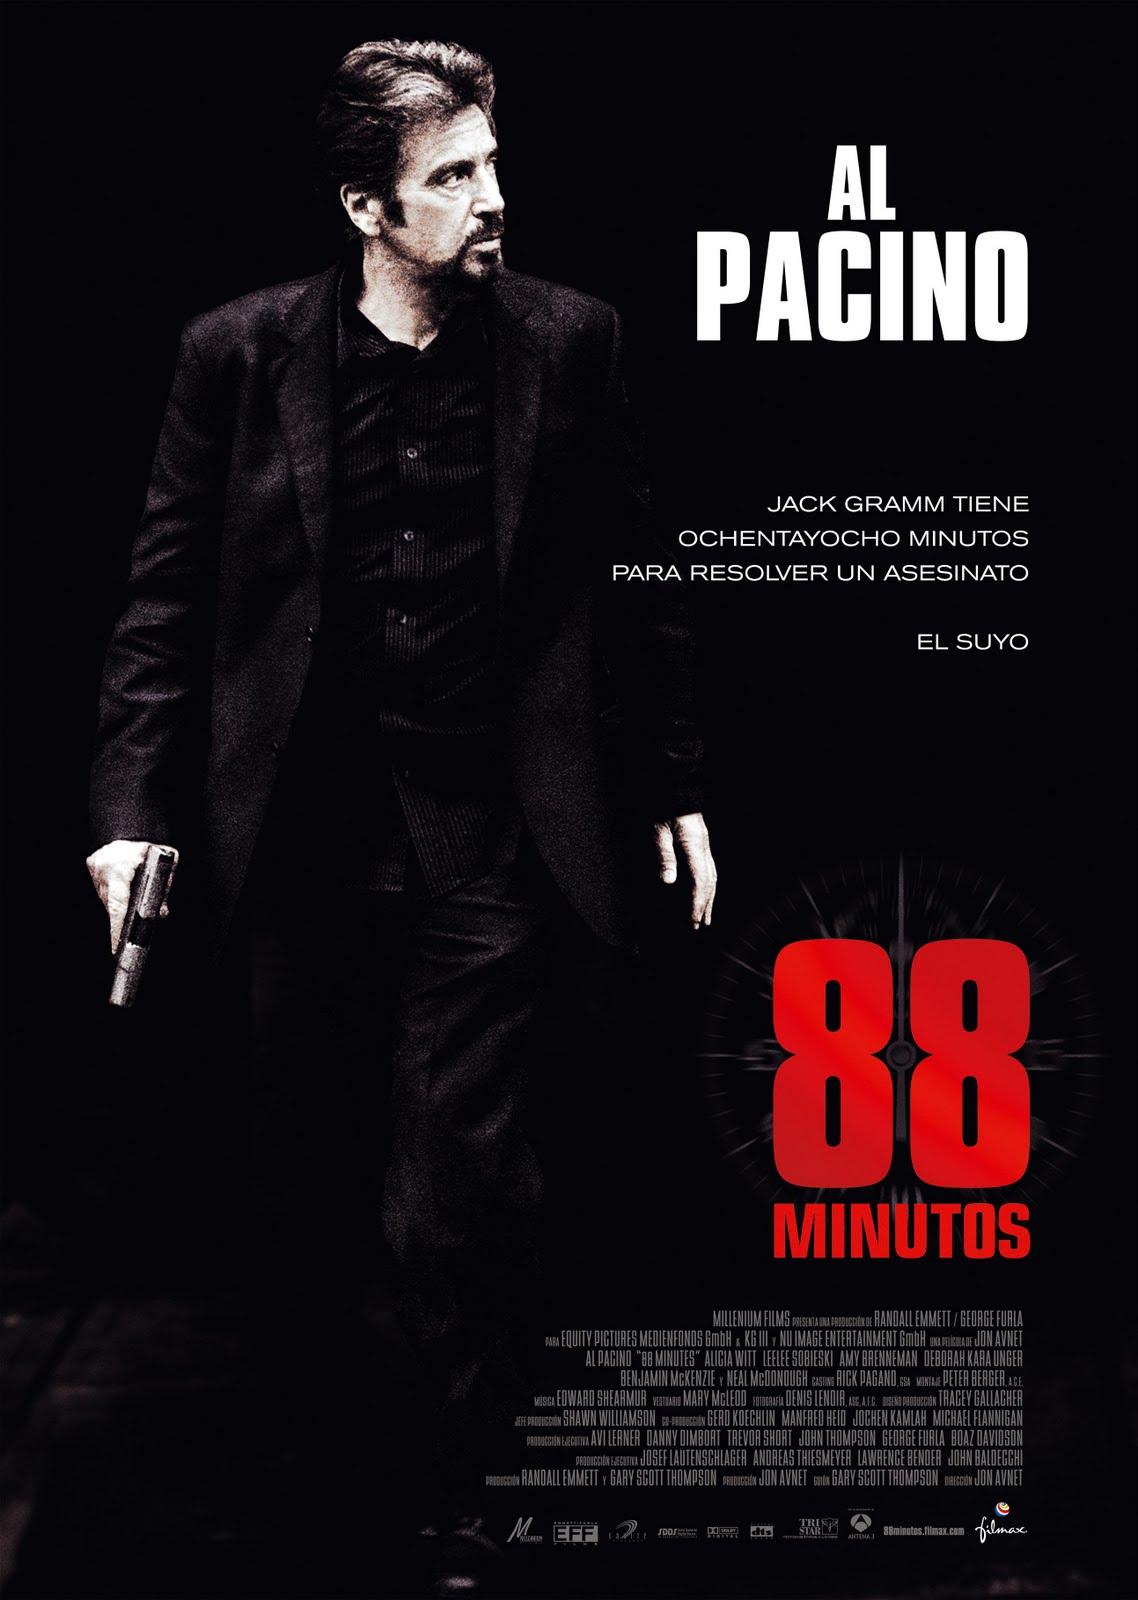 Al Pacino caratulas de todas sus peliculas